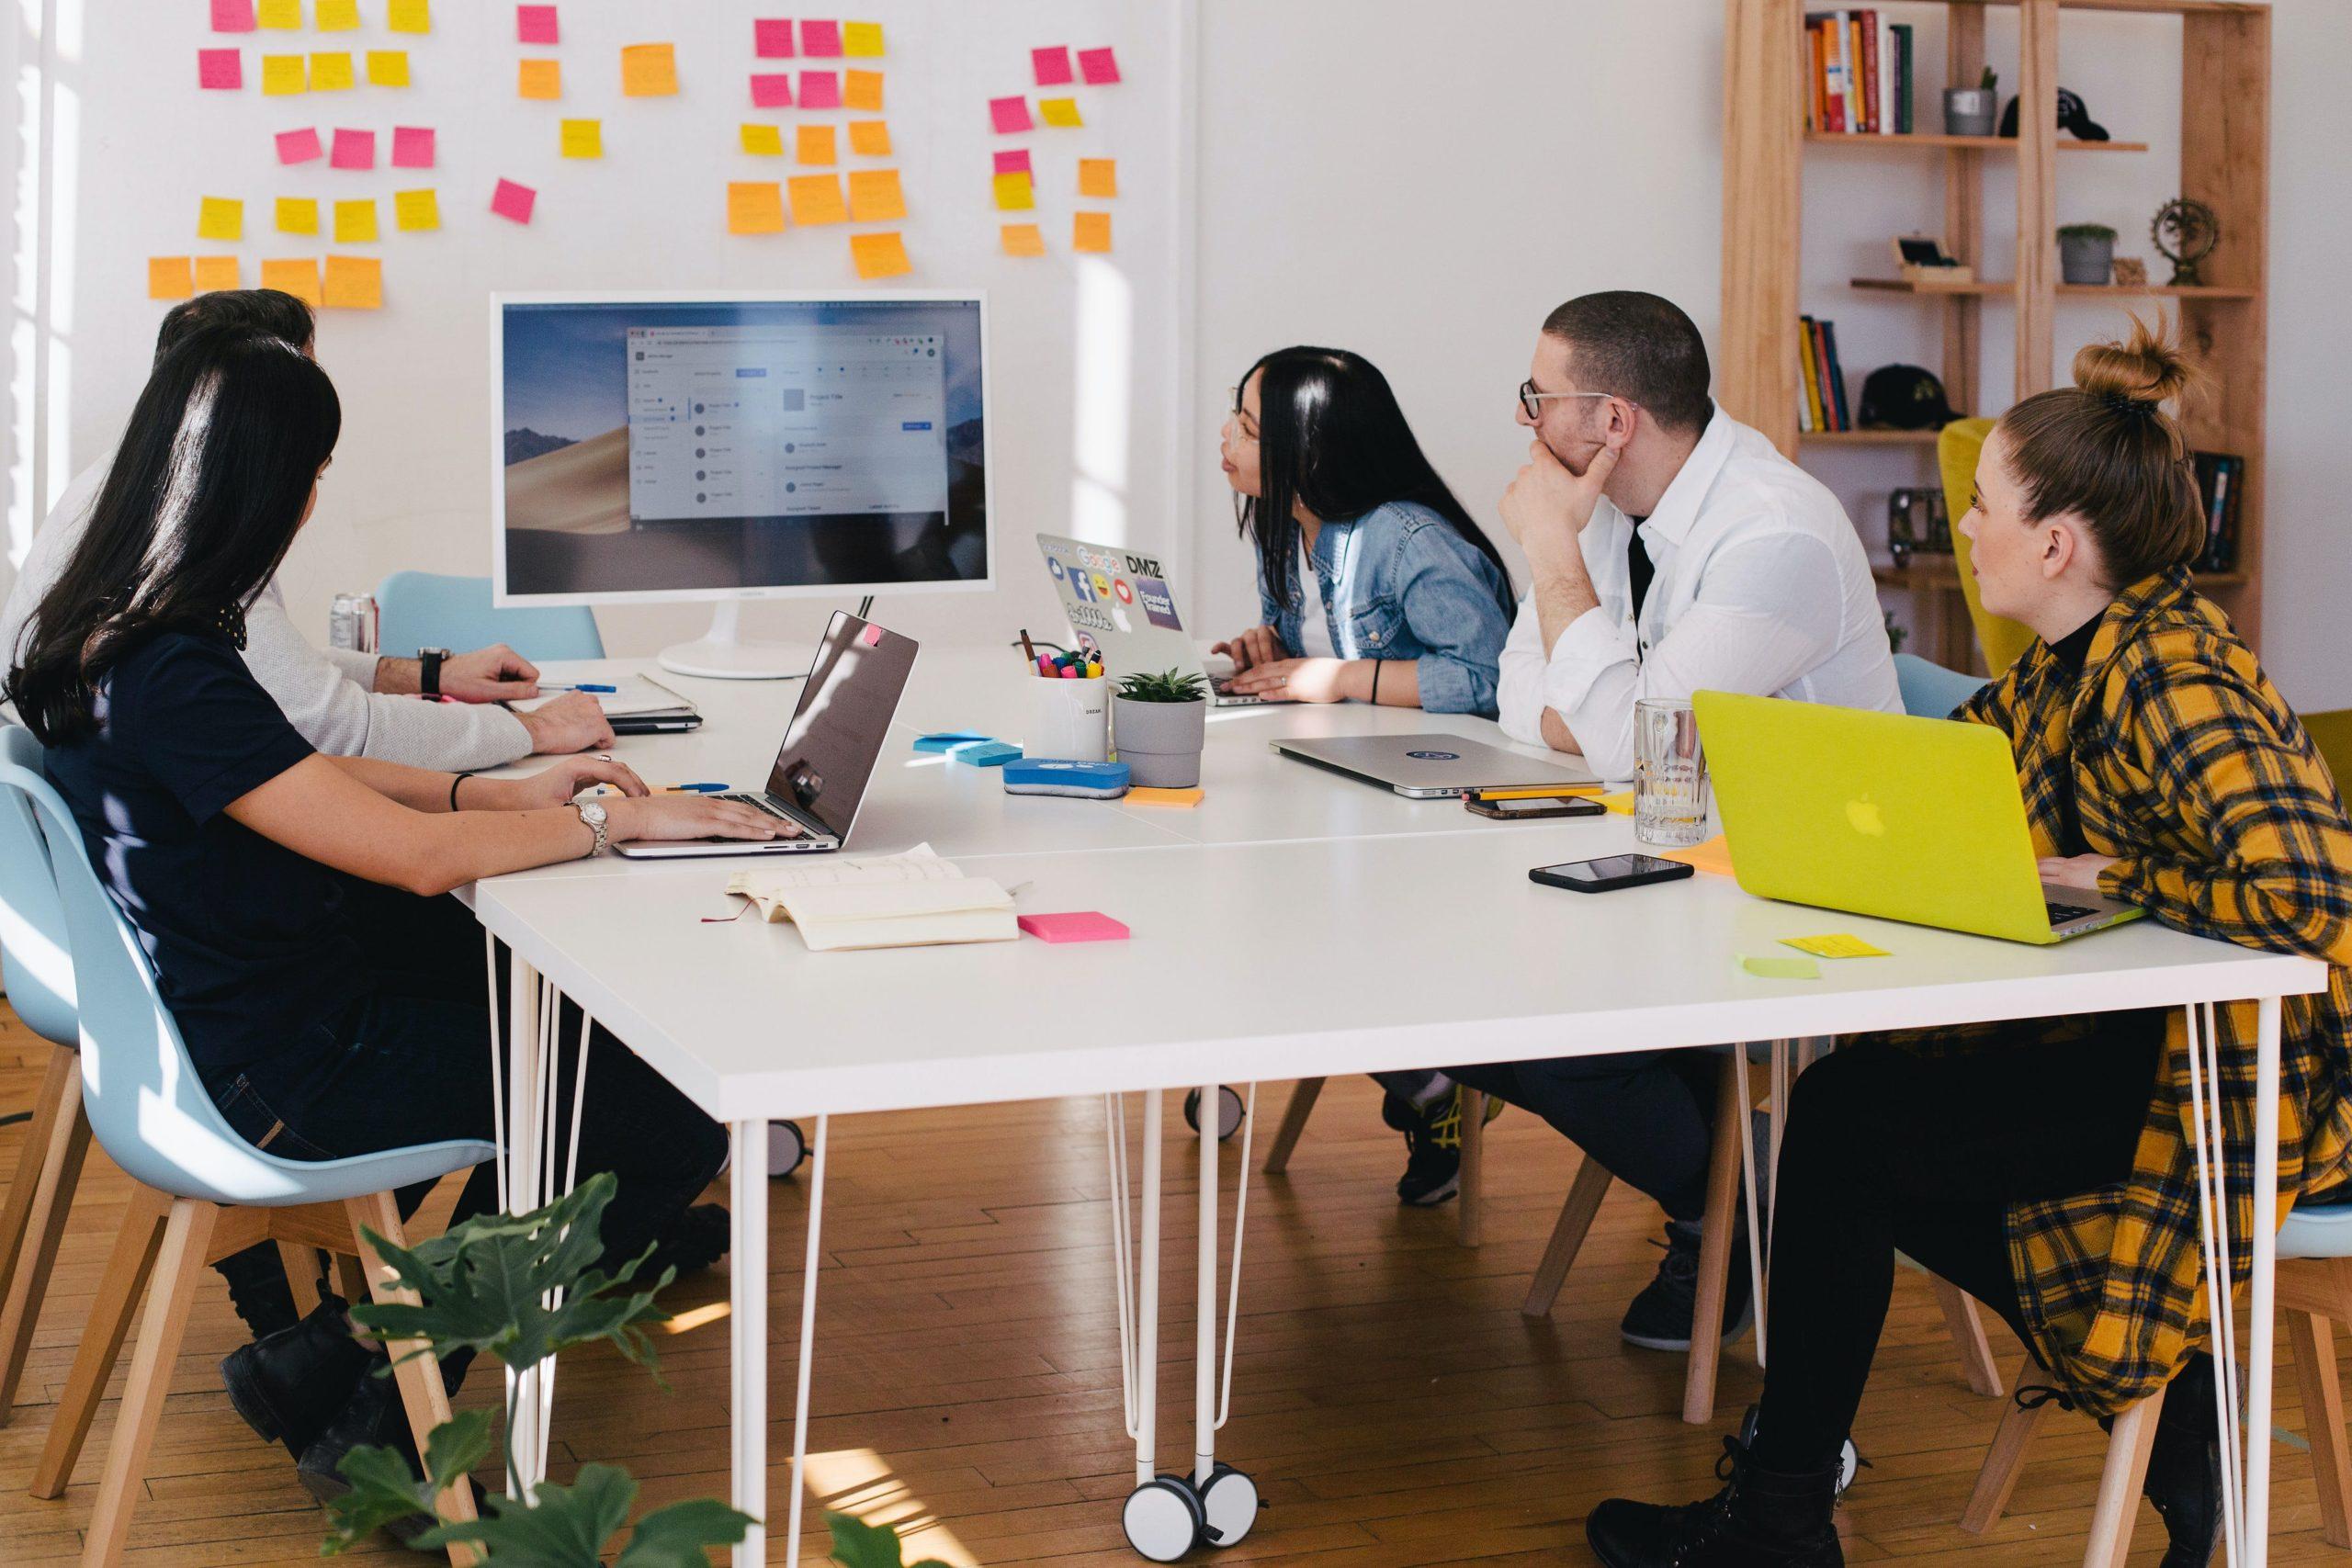 klyuchevyye pokazateli effektivnosti, KPI, motivatsiya, personal, vnedreniye sistemy KPI